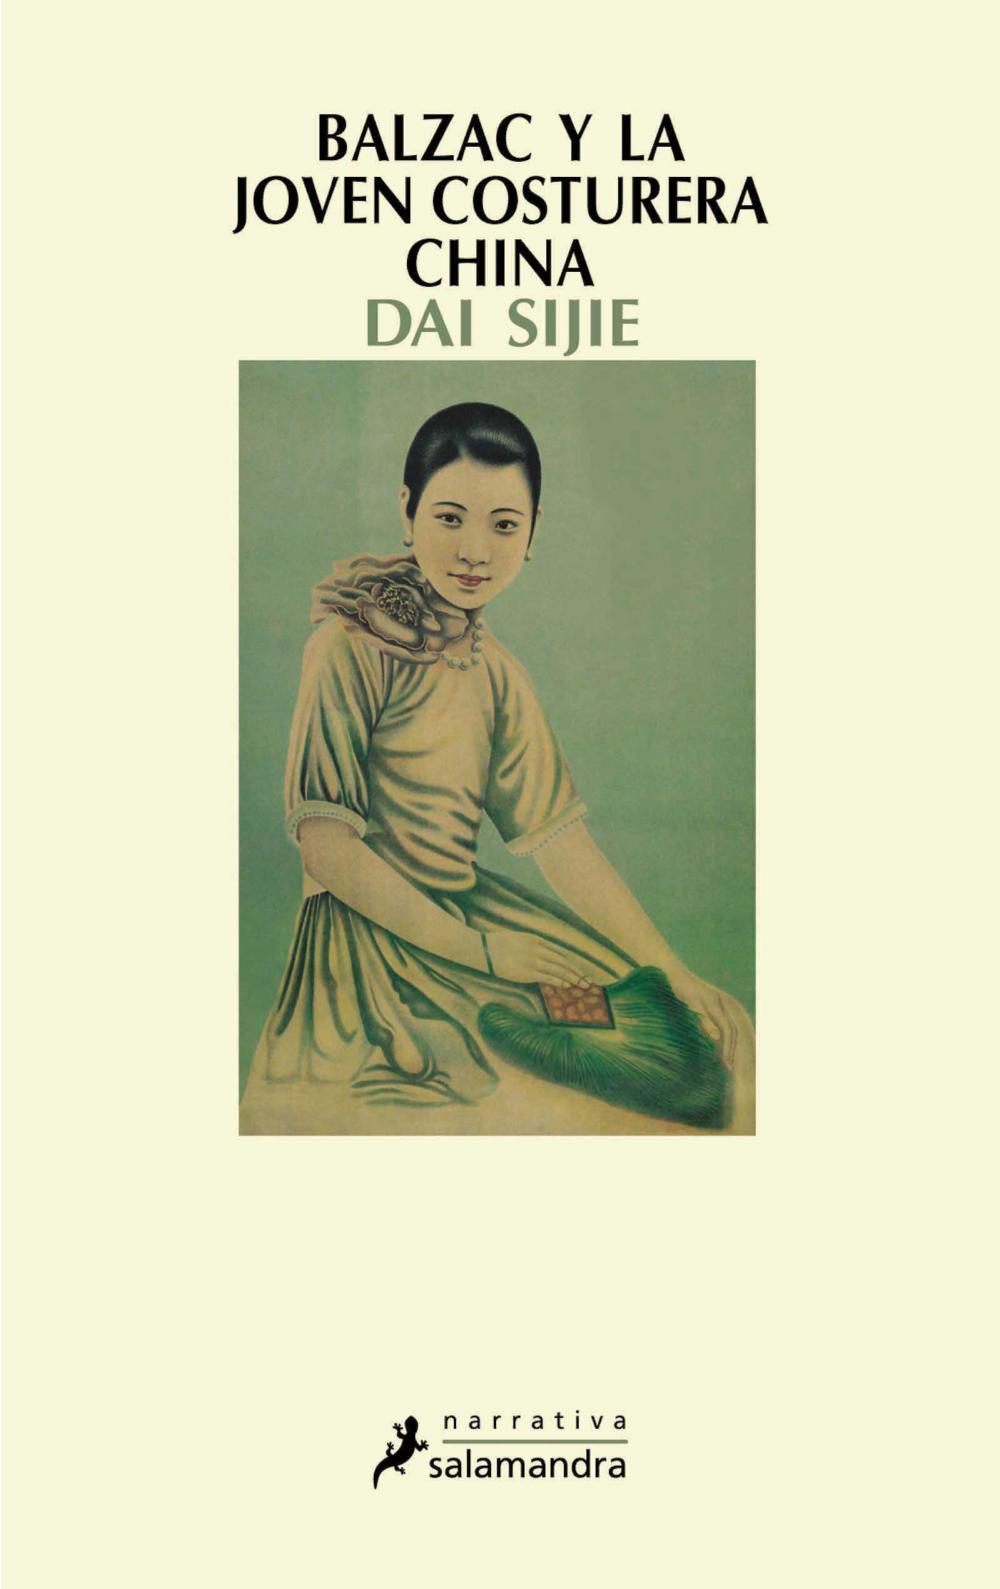 Balzac y la joven costurera china